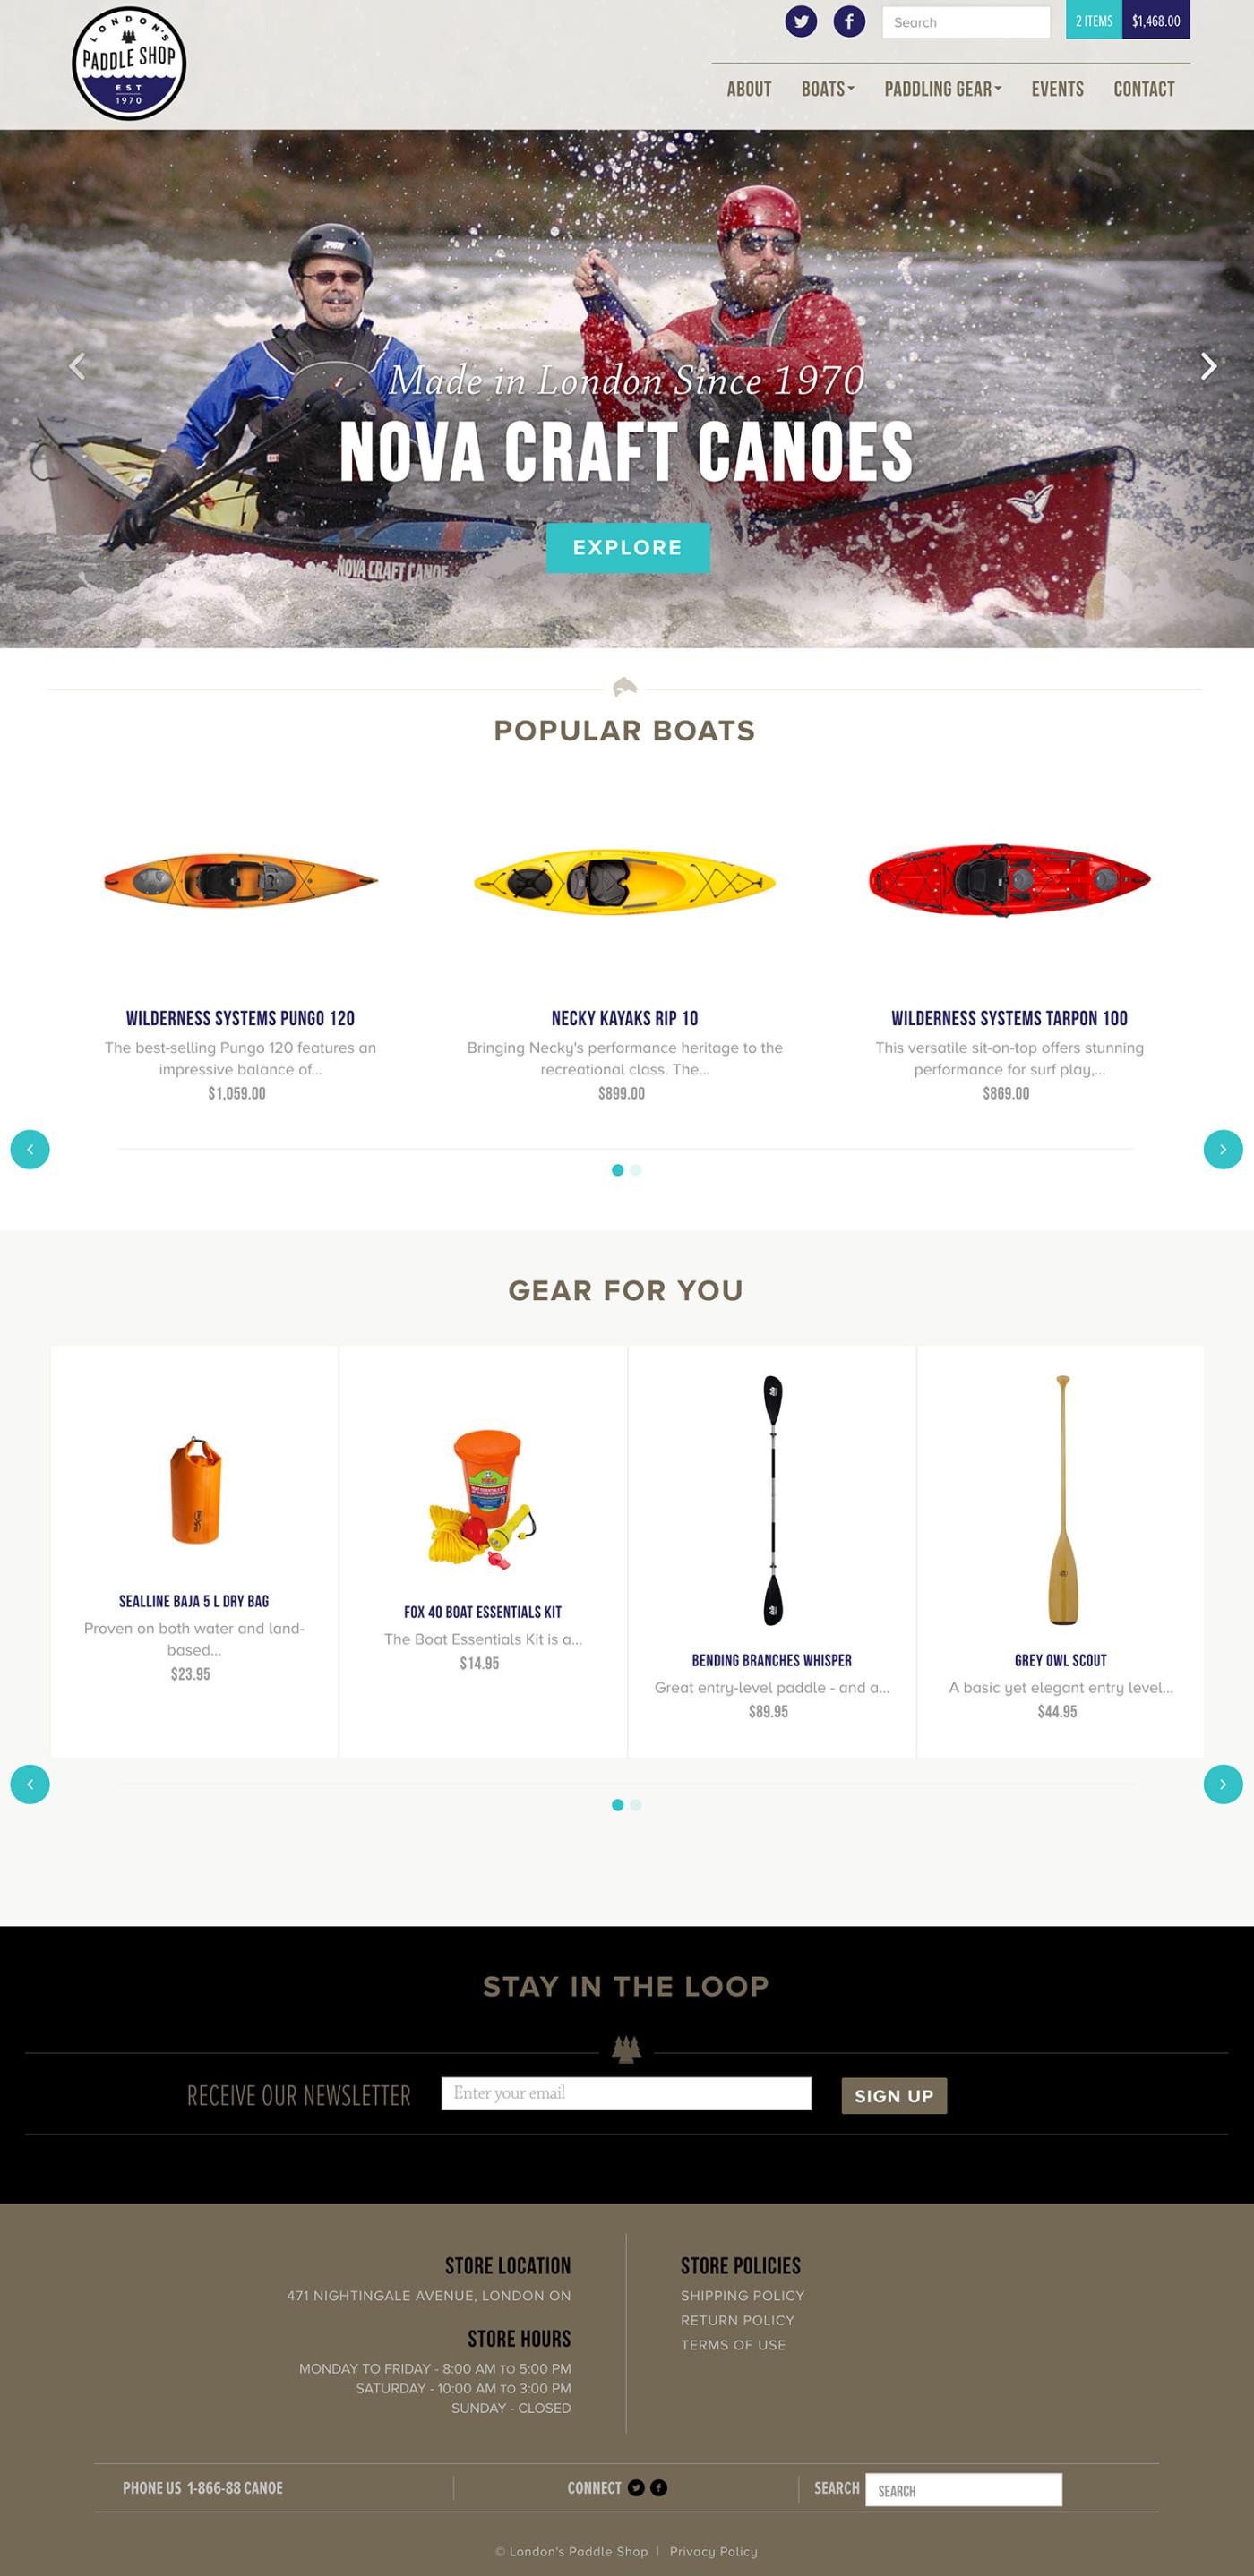 London's Paddle Shop